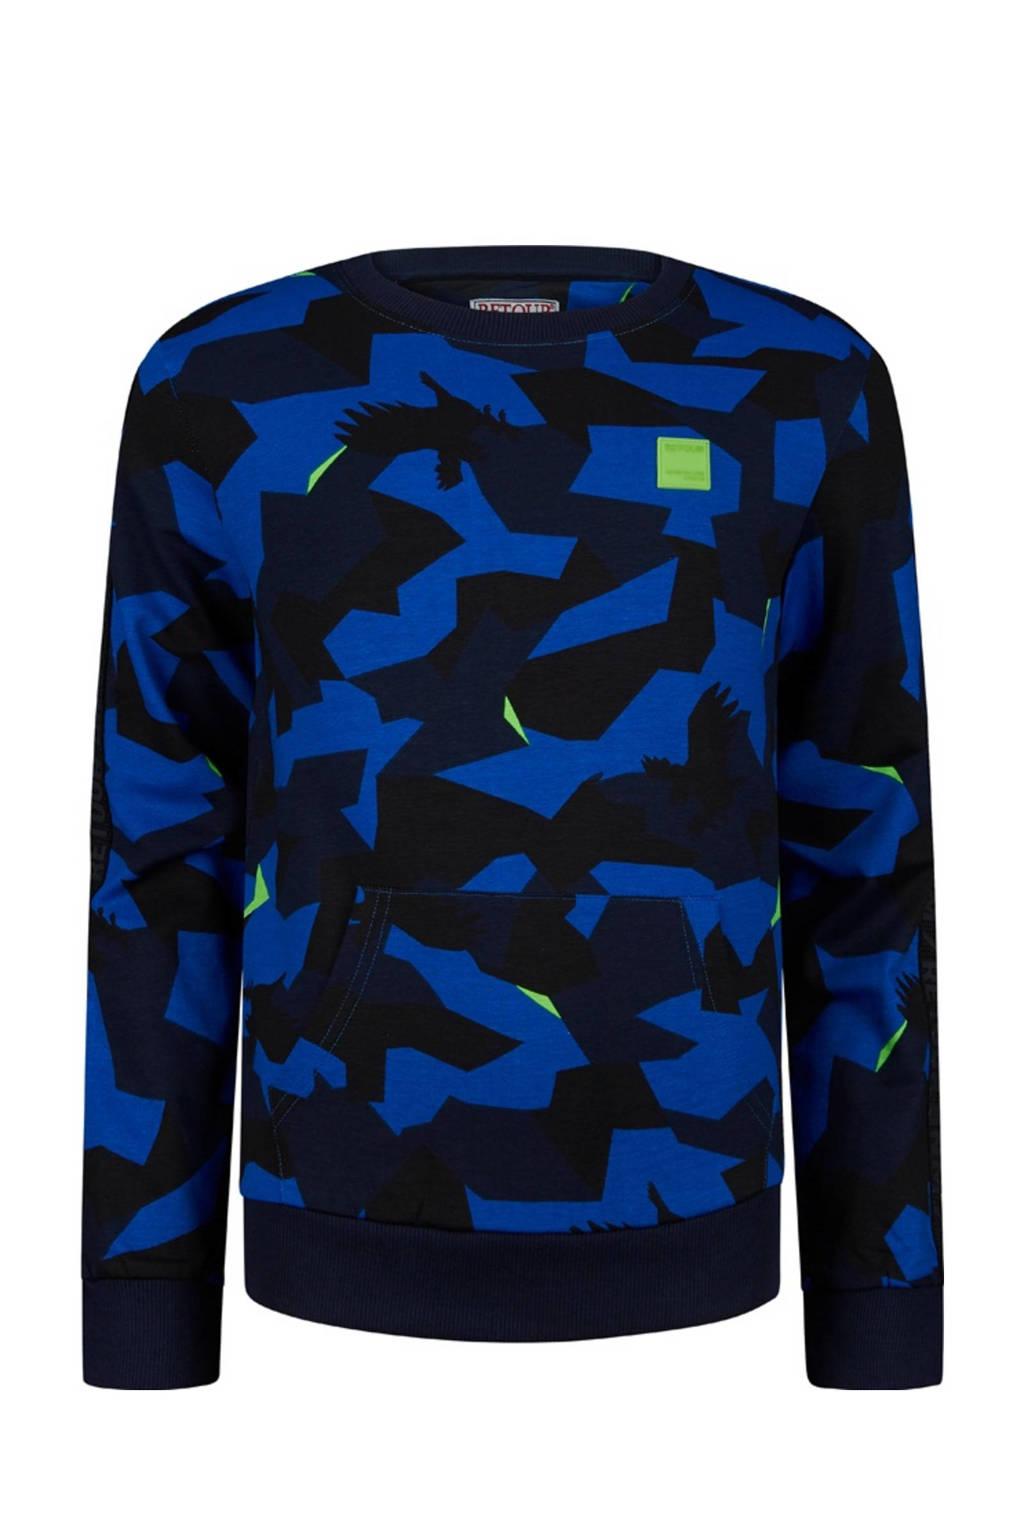 Retour Denim sweater Ross met camouflageprint hardblauw/zwart, Hardblauw/zwart